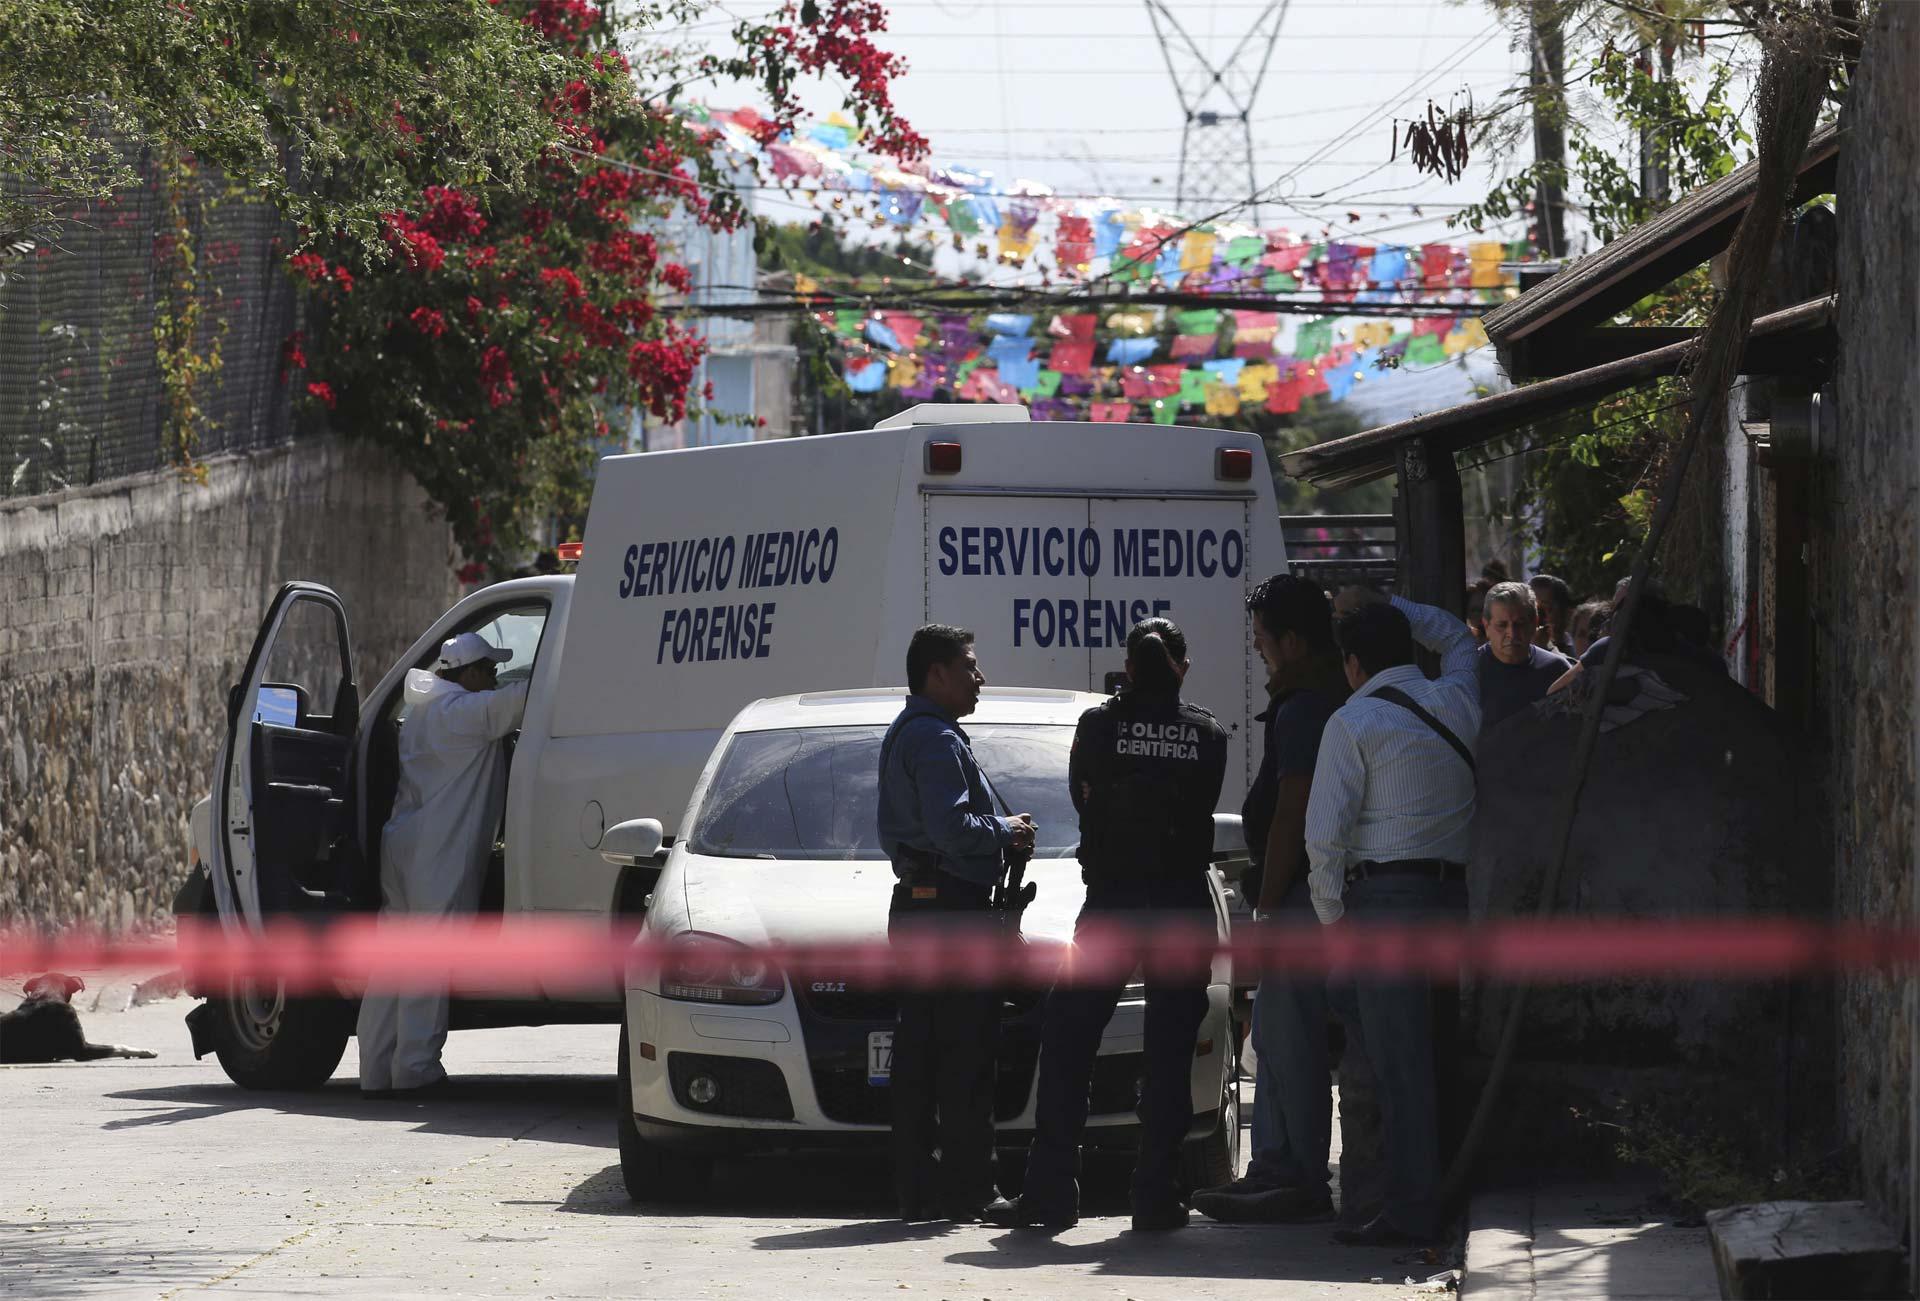 Habitantes de Quetzalcoatlán comenzaron a irse a otros lugares más seguros, tras la actuación de sicarios